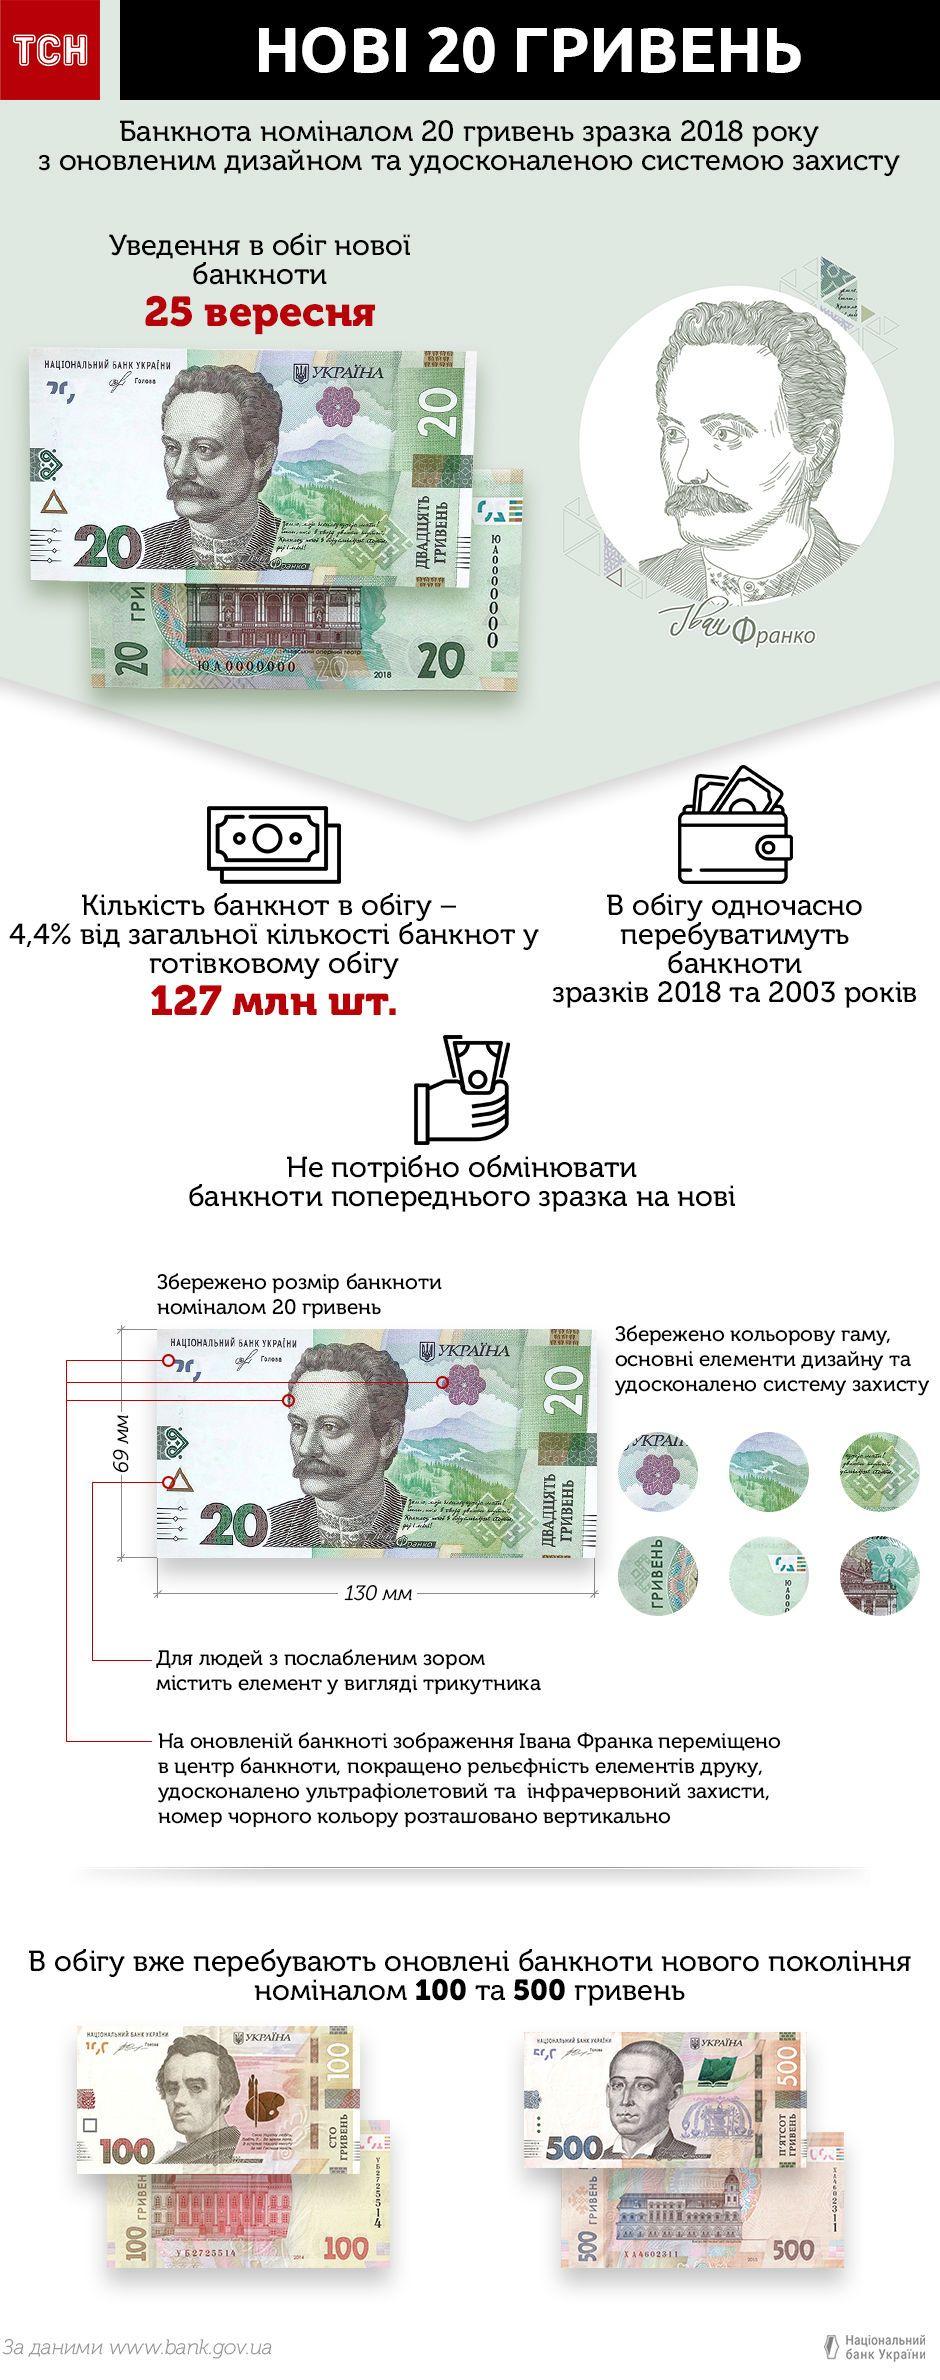 нові 20 гривень. інфографіка